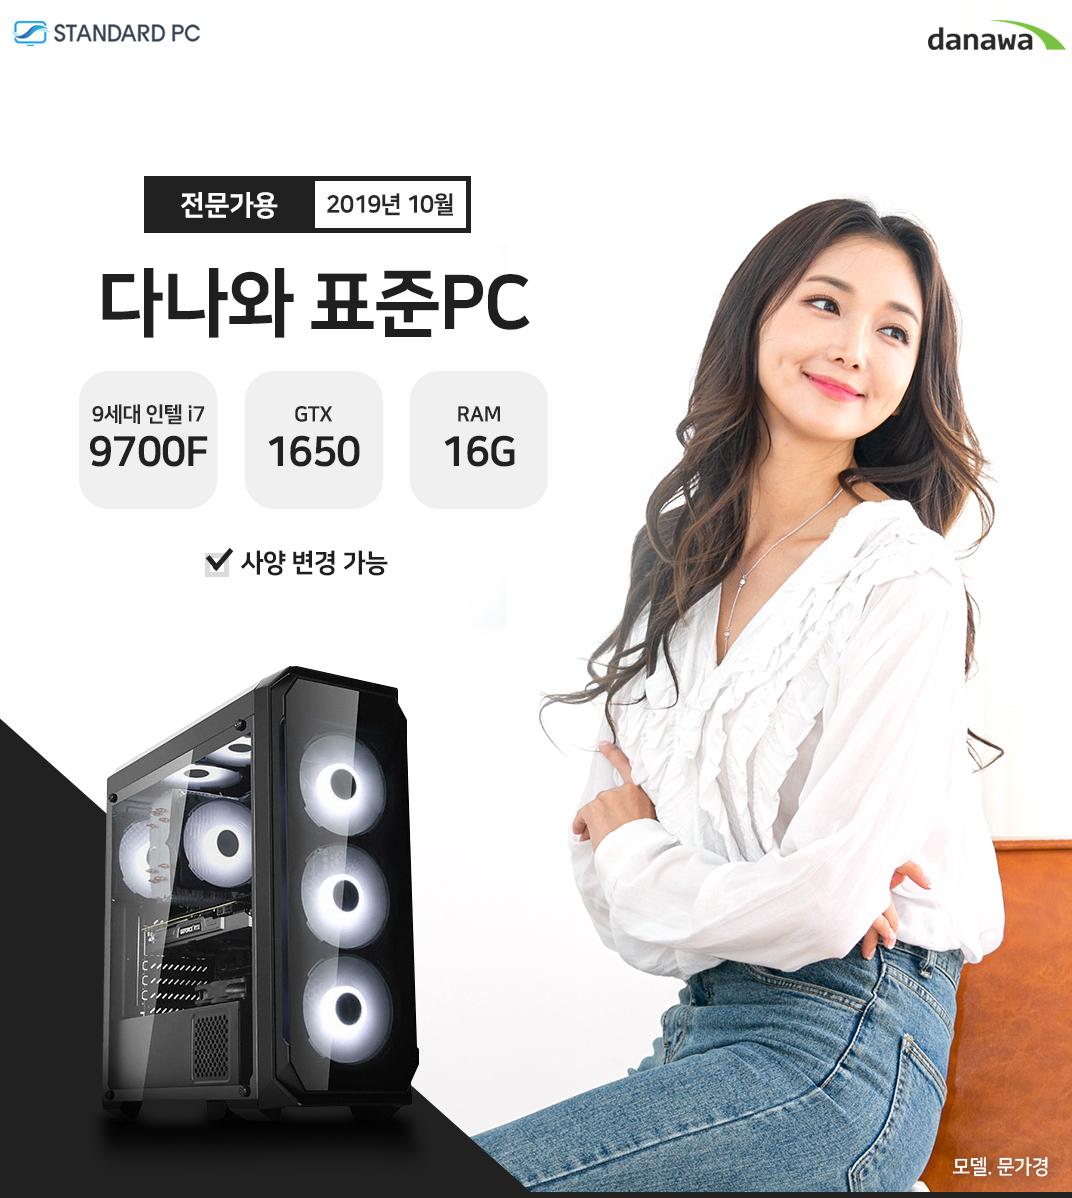 2019년 10월 다나와 표준PC 전문디자인용  인텔 i7-9세대 9700F GTX1650 RAM 16G 모델 문가경